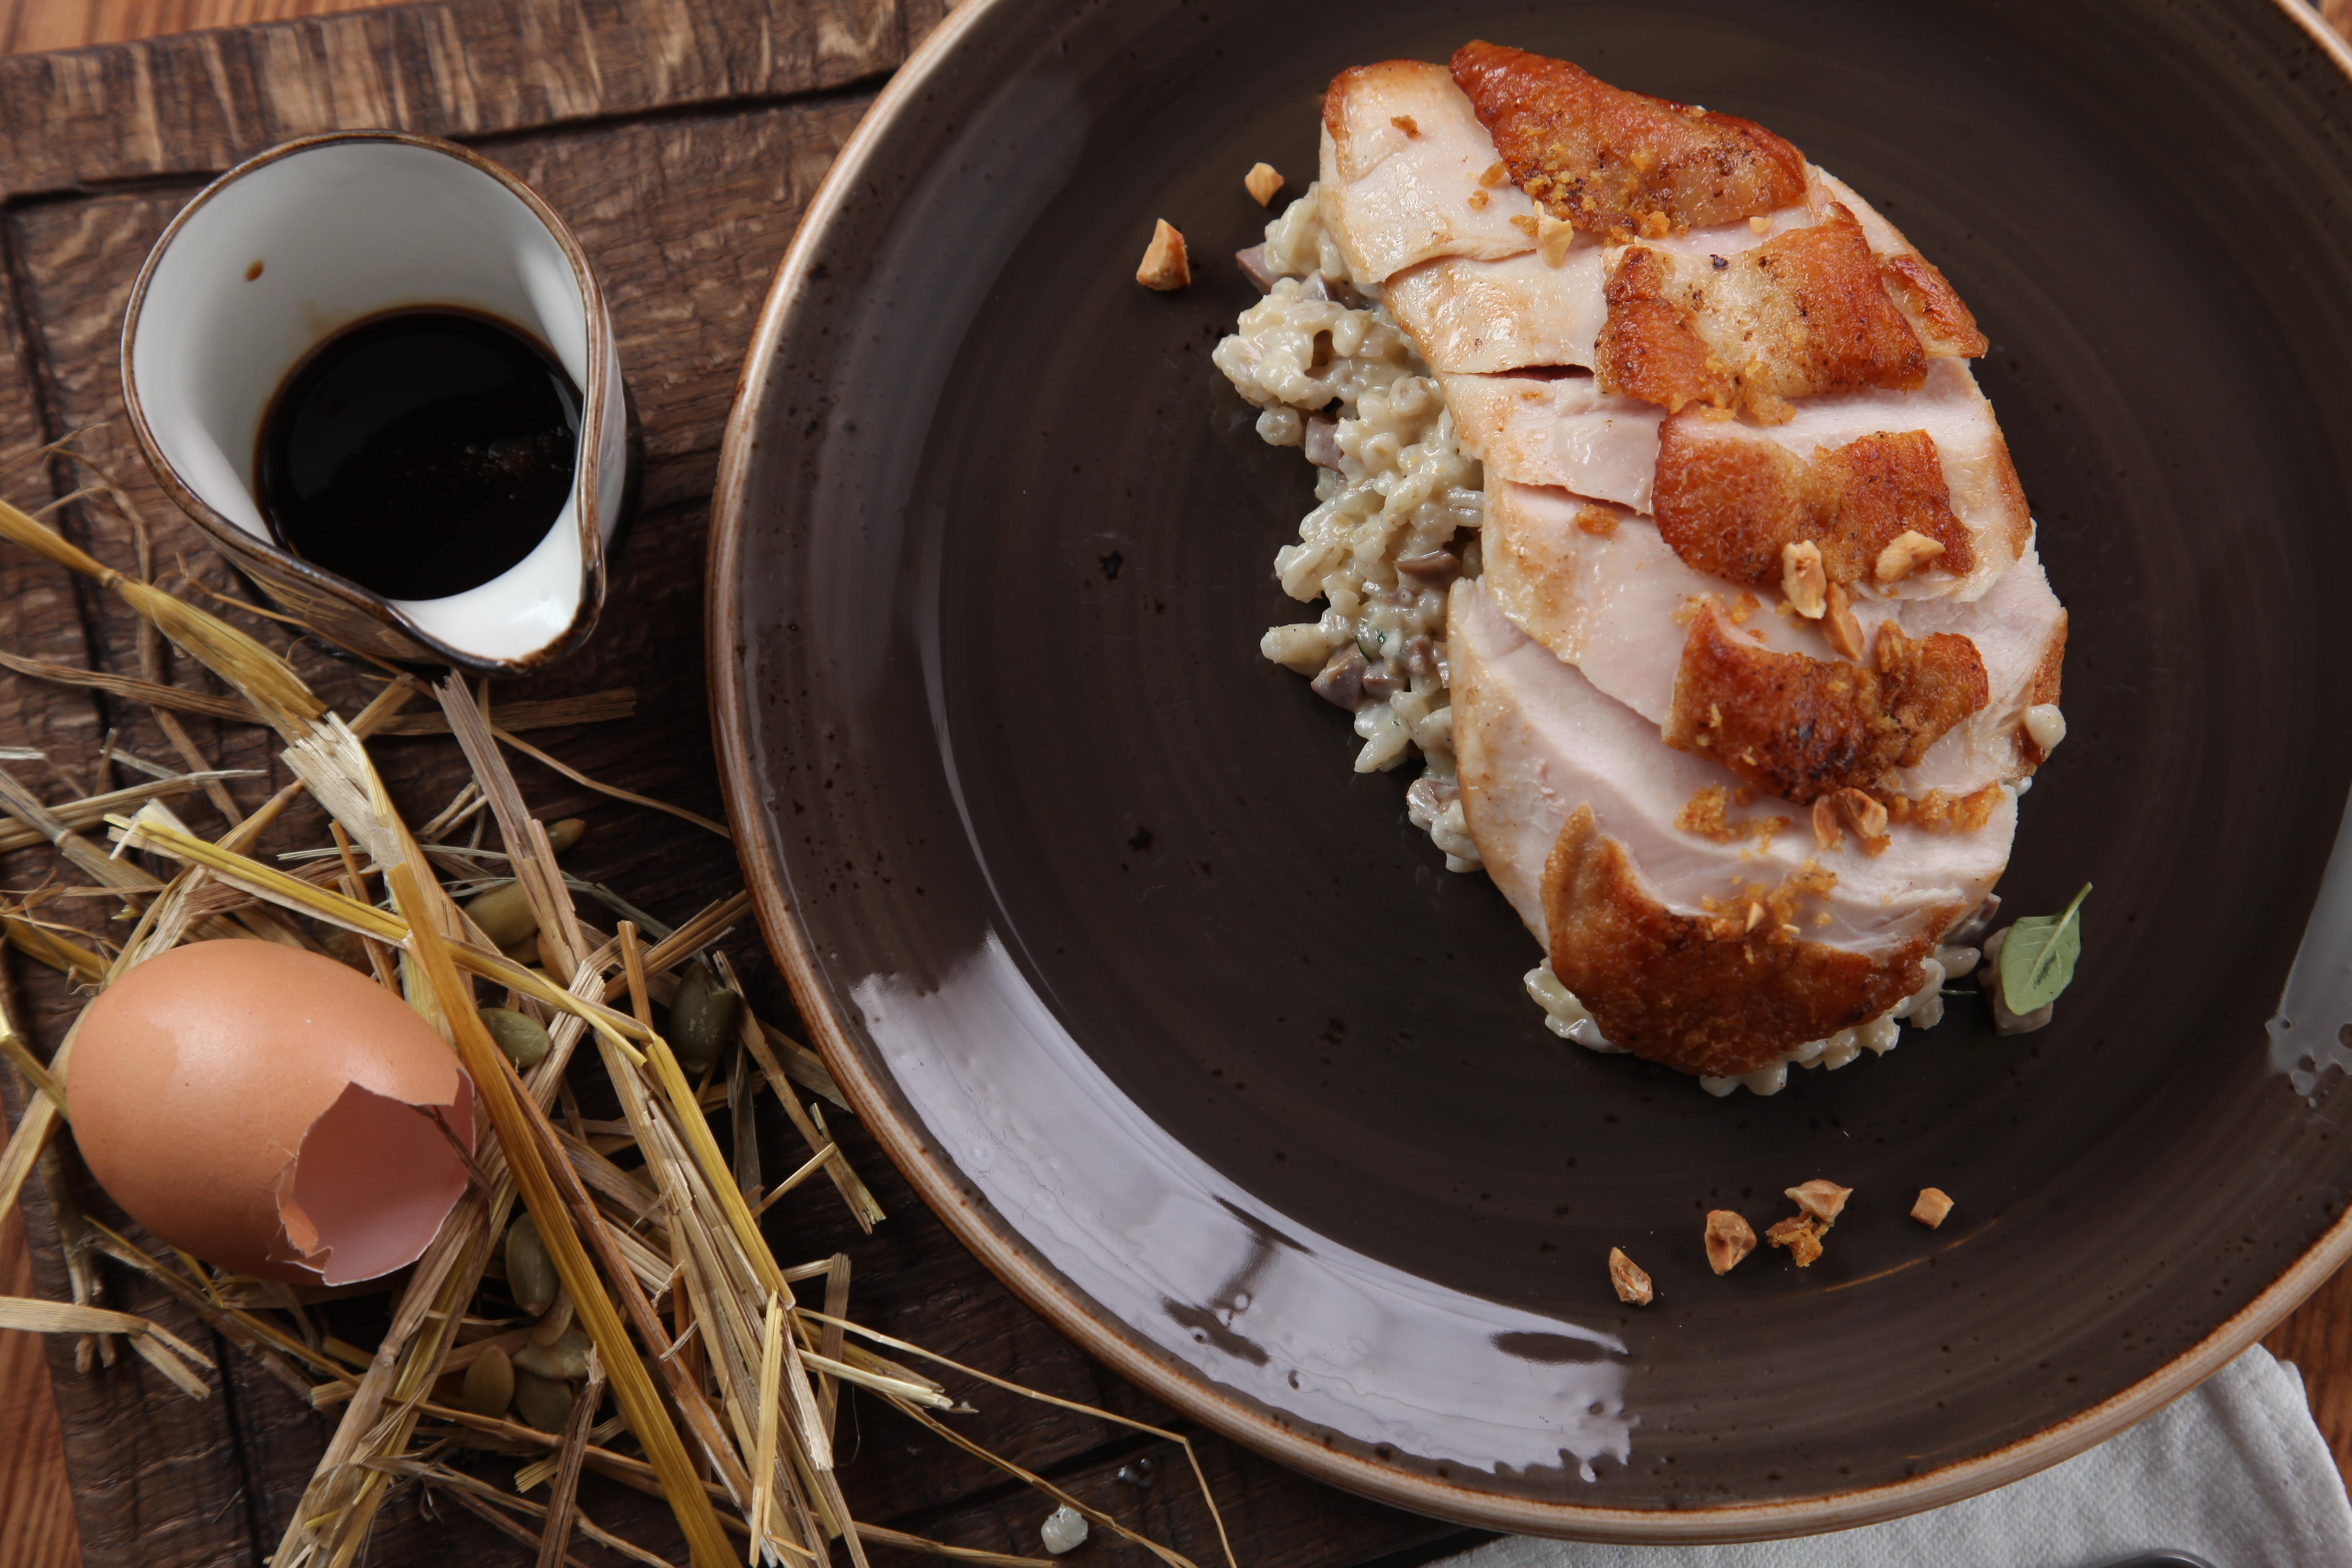 Ресторан Lavkalavka - Куриная грудка и перлотто с куриными поторошками. Курица от Александра Почепцова